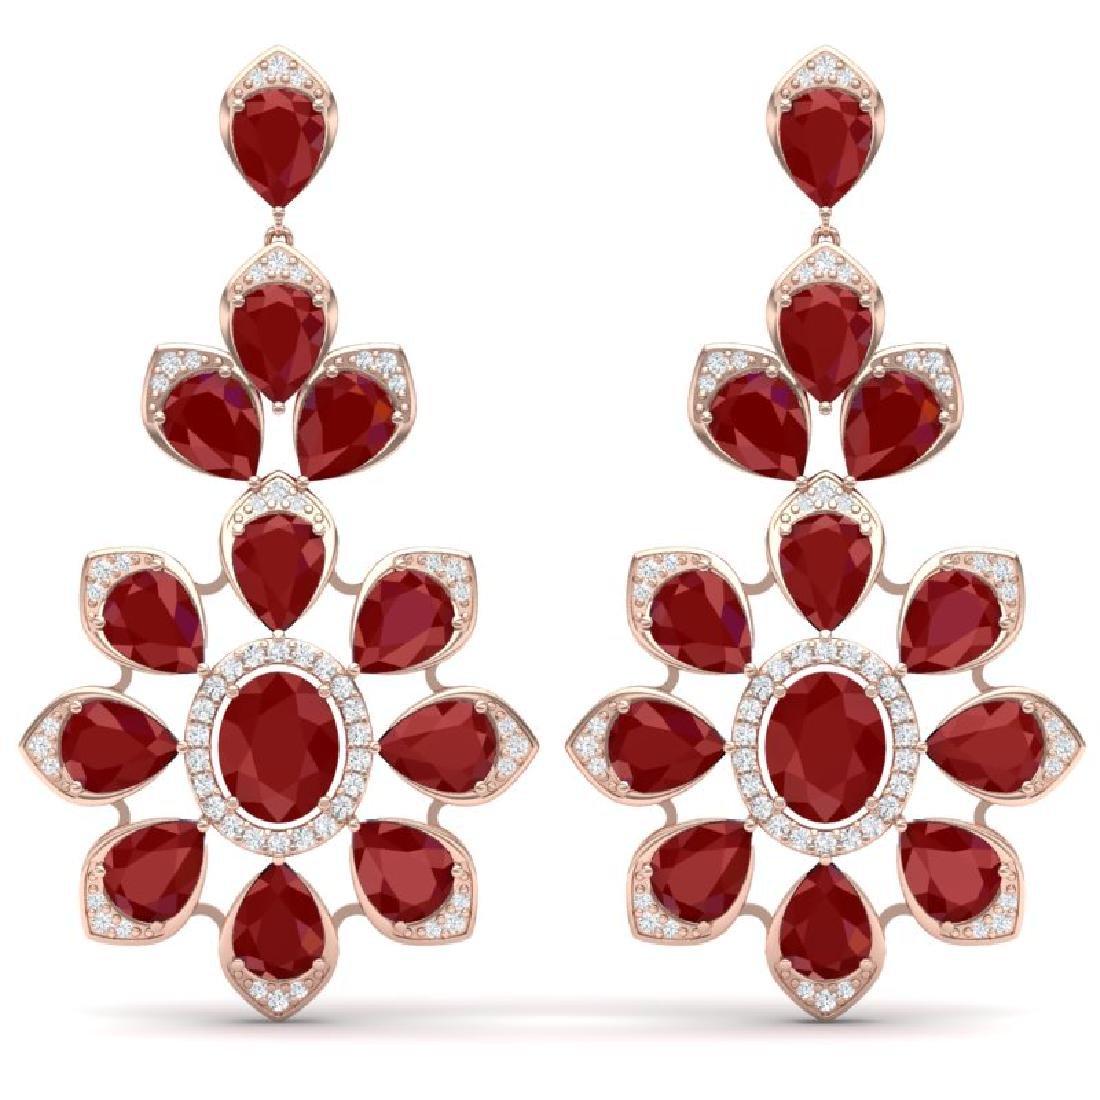 51.8 CTW Royalty Designer Ruby & VS Diamond Earrings